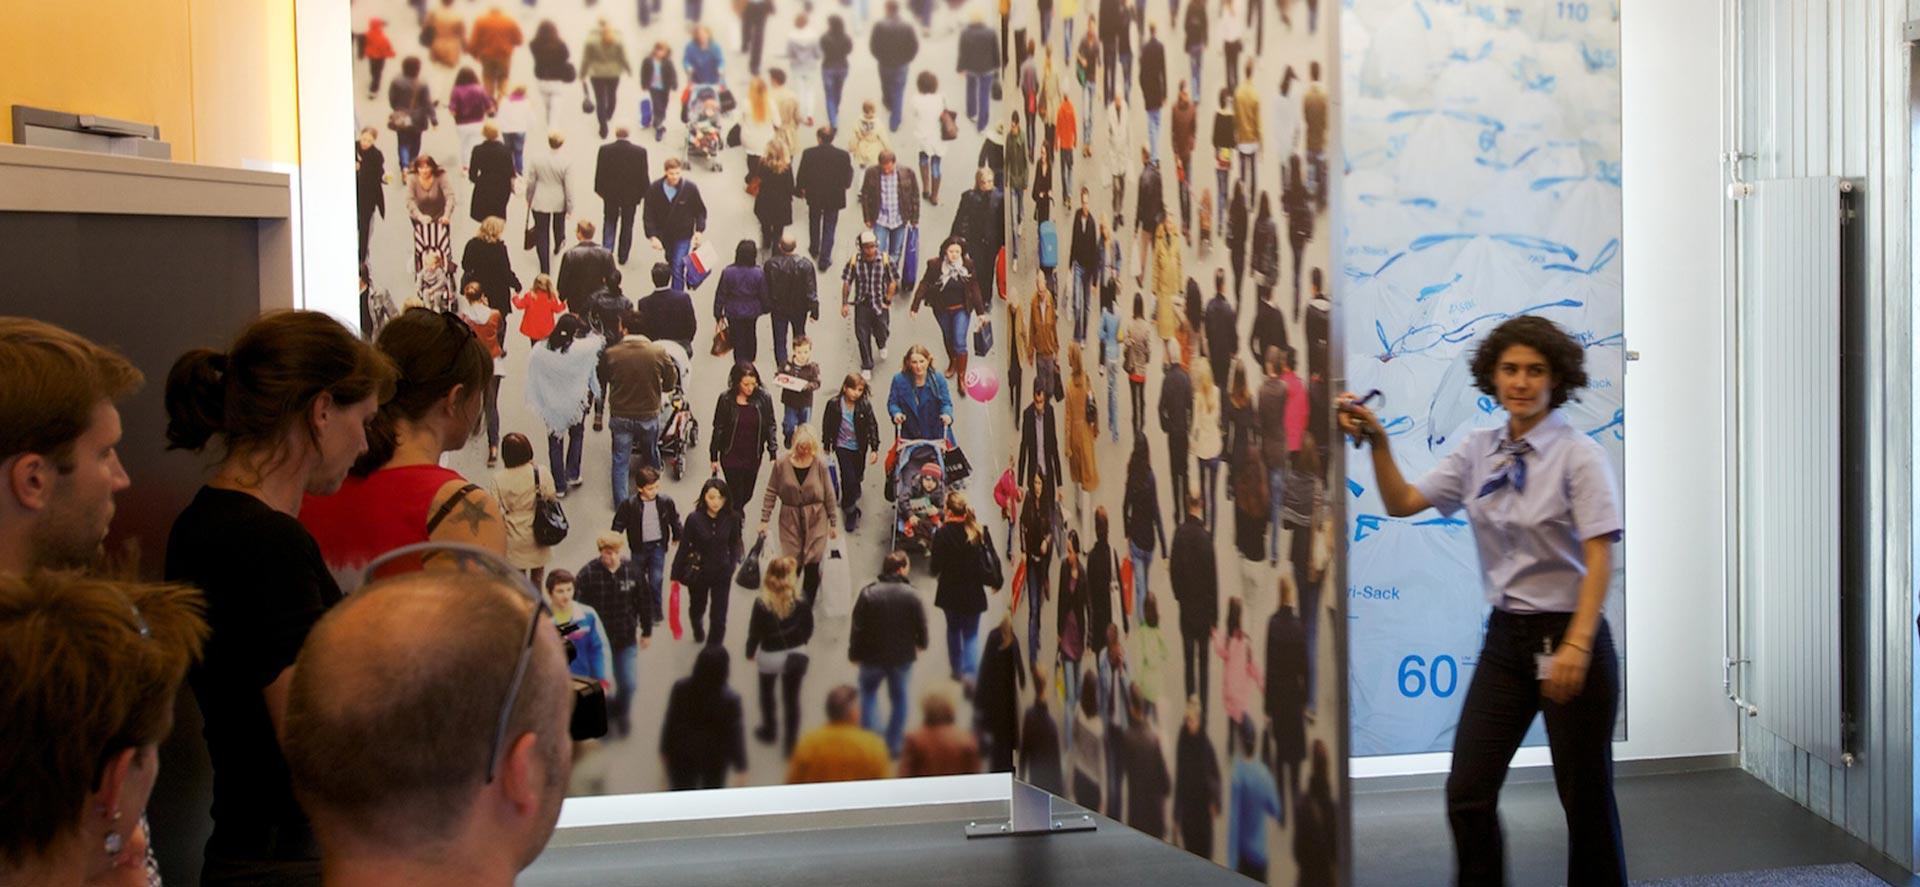 Wandbilder für Besucherführung von Grafilker Manuel Battagello